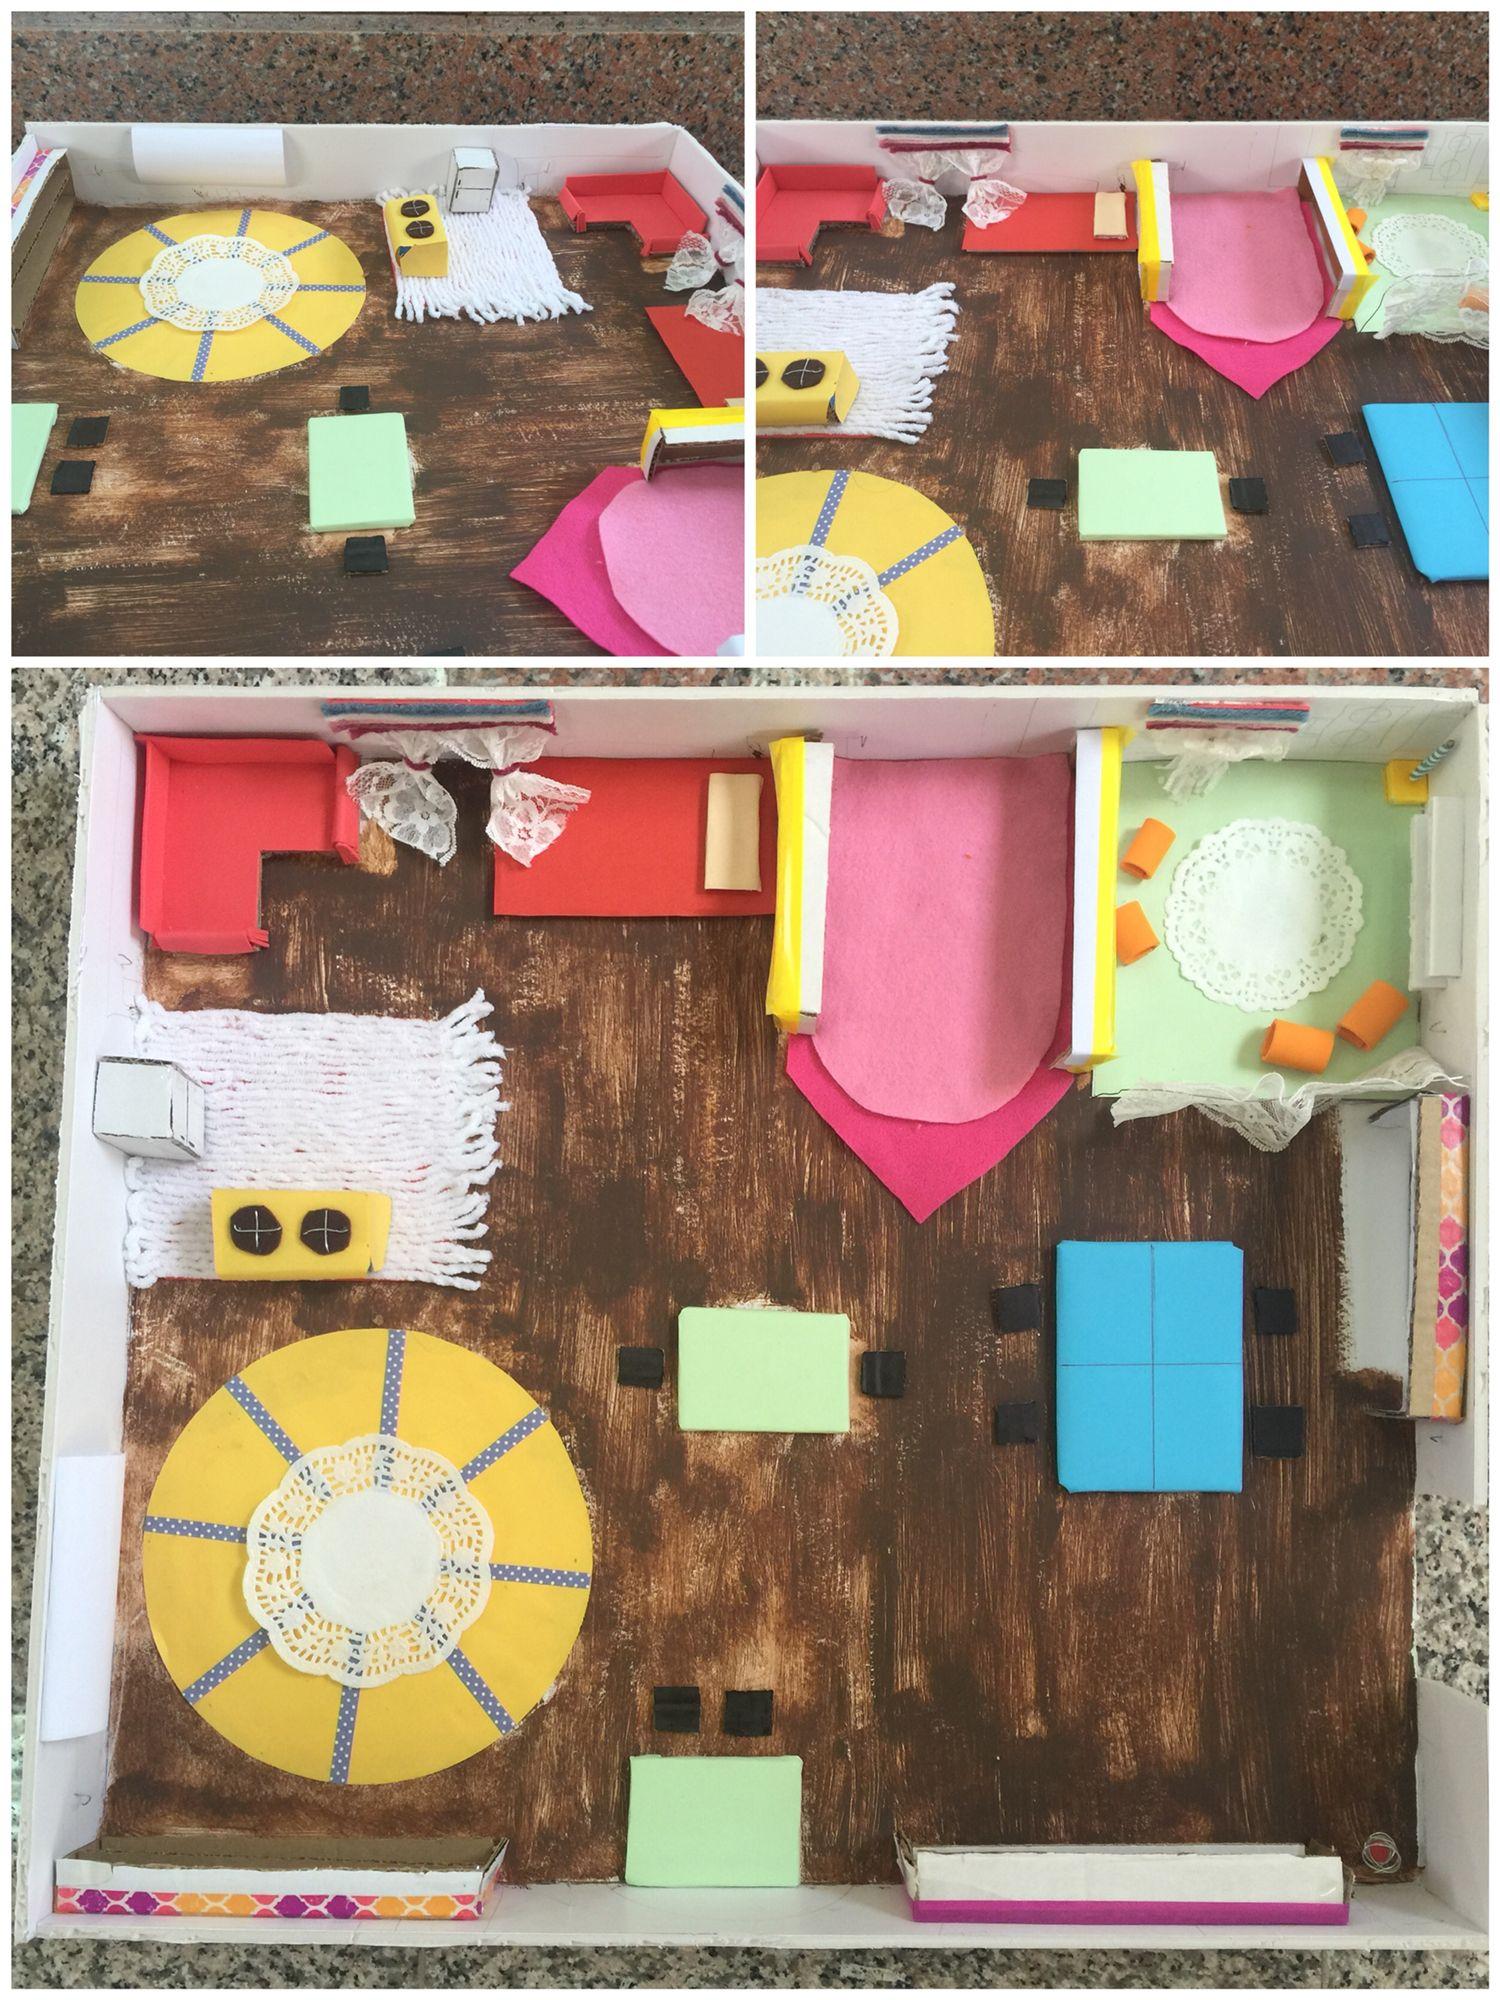 مجسم للبيئة الصفية استغرق التخطيط والتشكيل ساعتين أو أقل كنا نحب أن نضيف بعض التفاصيل الصغيرة ولكن لم يسفعنا الوقت Kindergarten Bathroom Scale